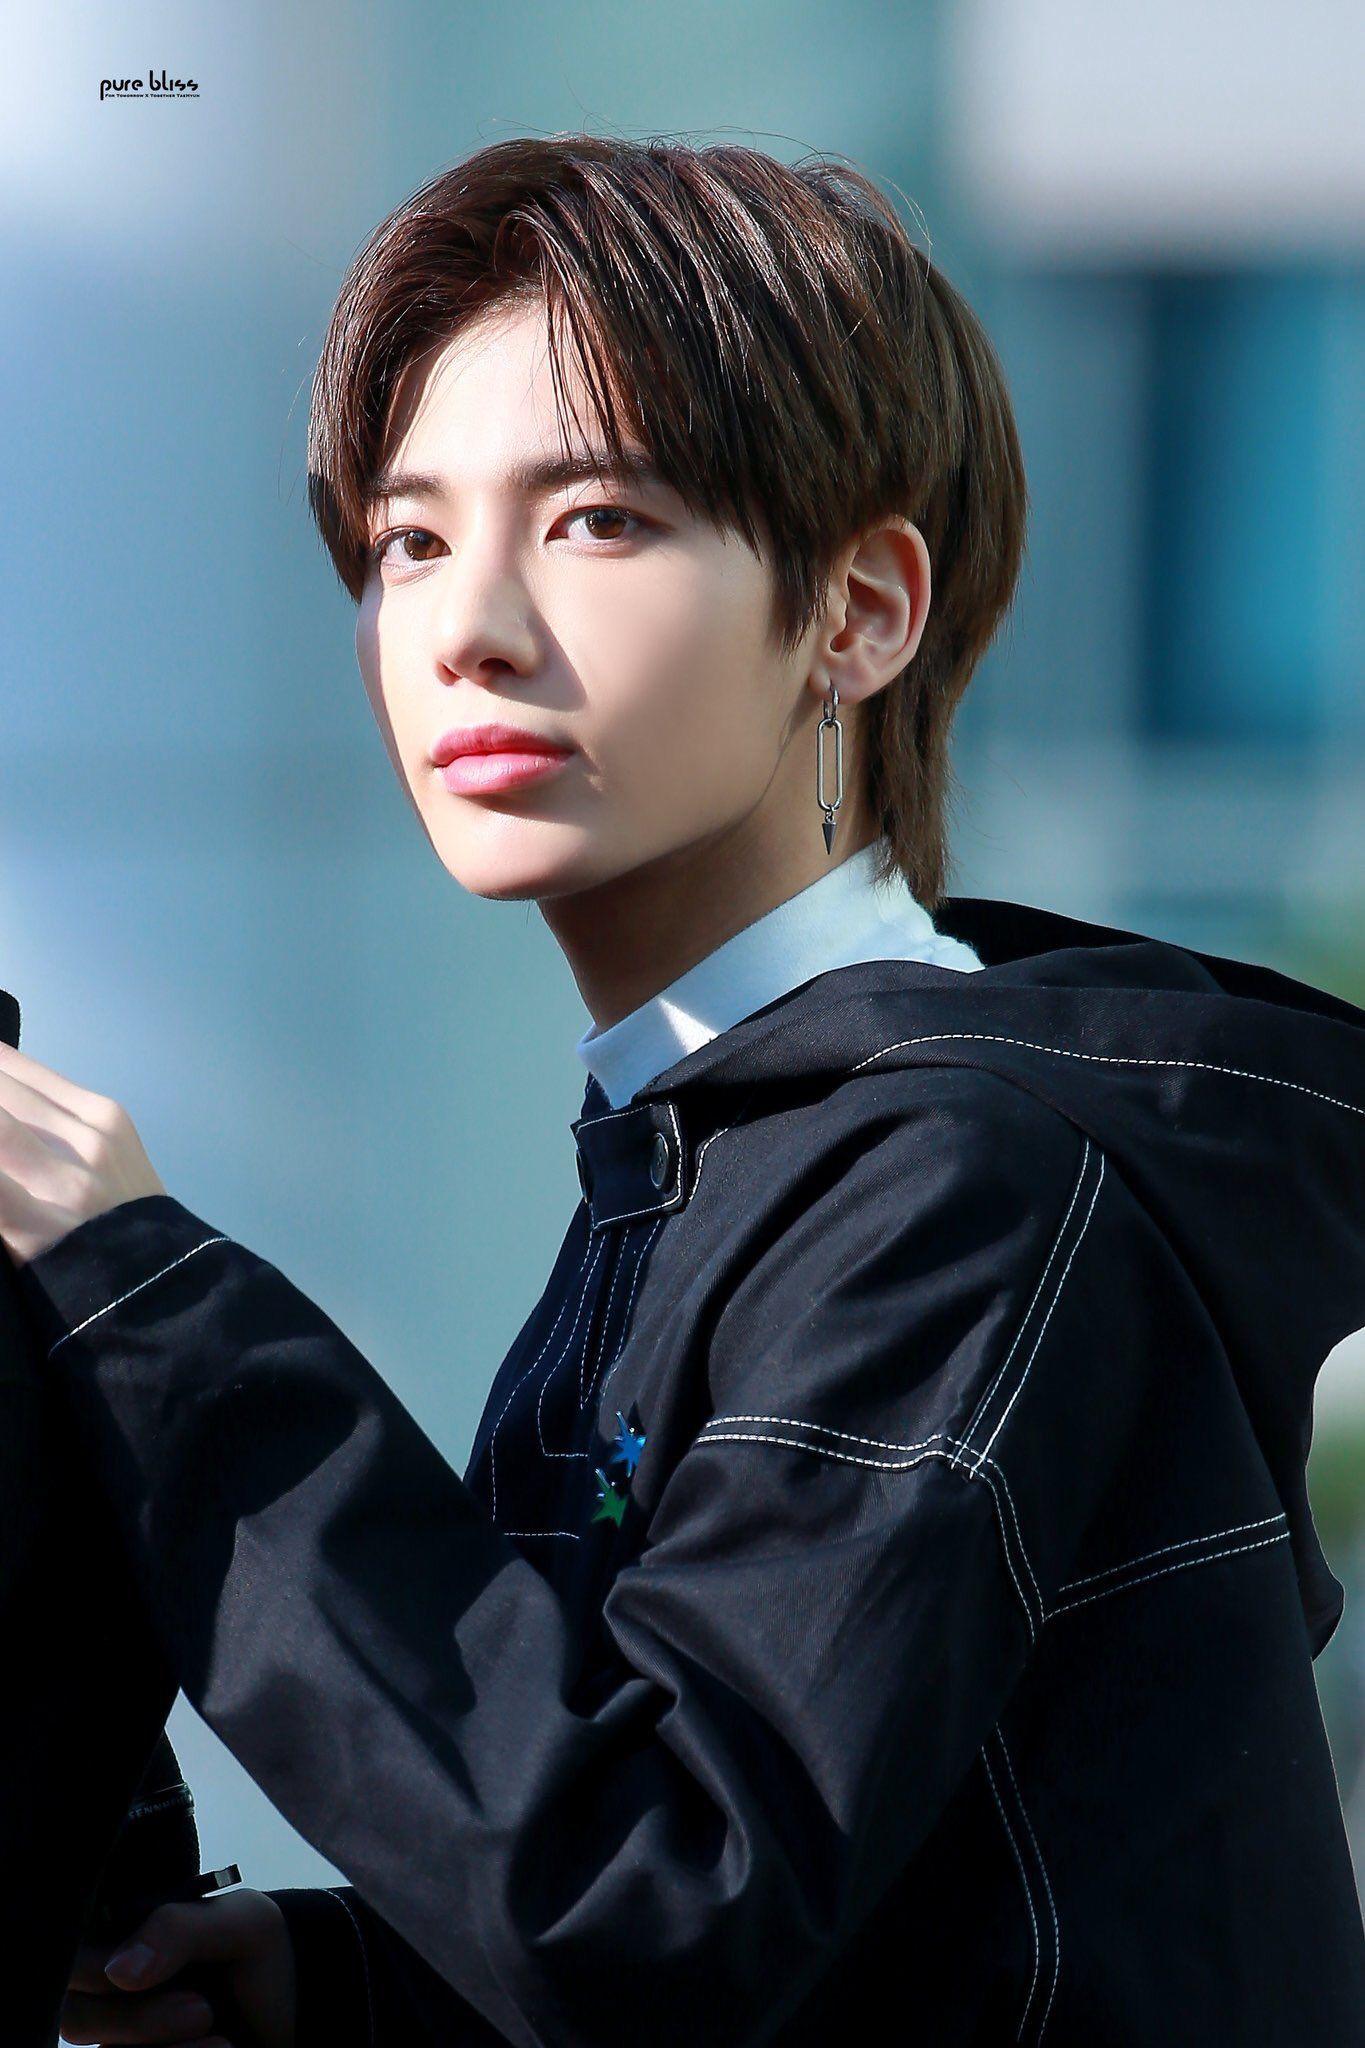 Taehyun Pics On Twitter Txt Kpop Tomorrow